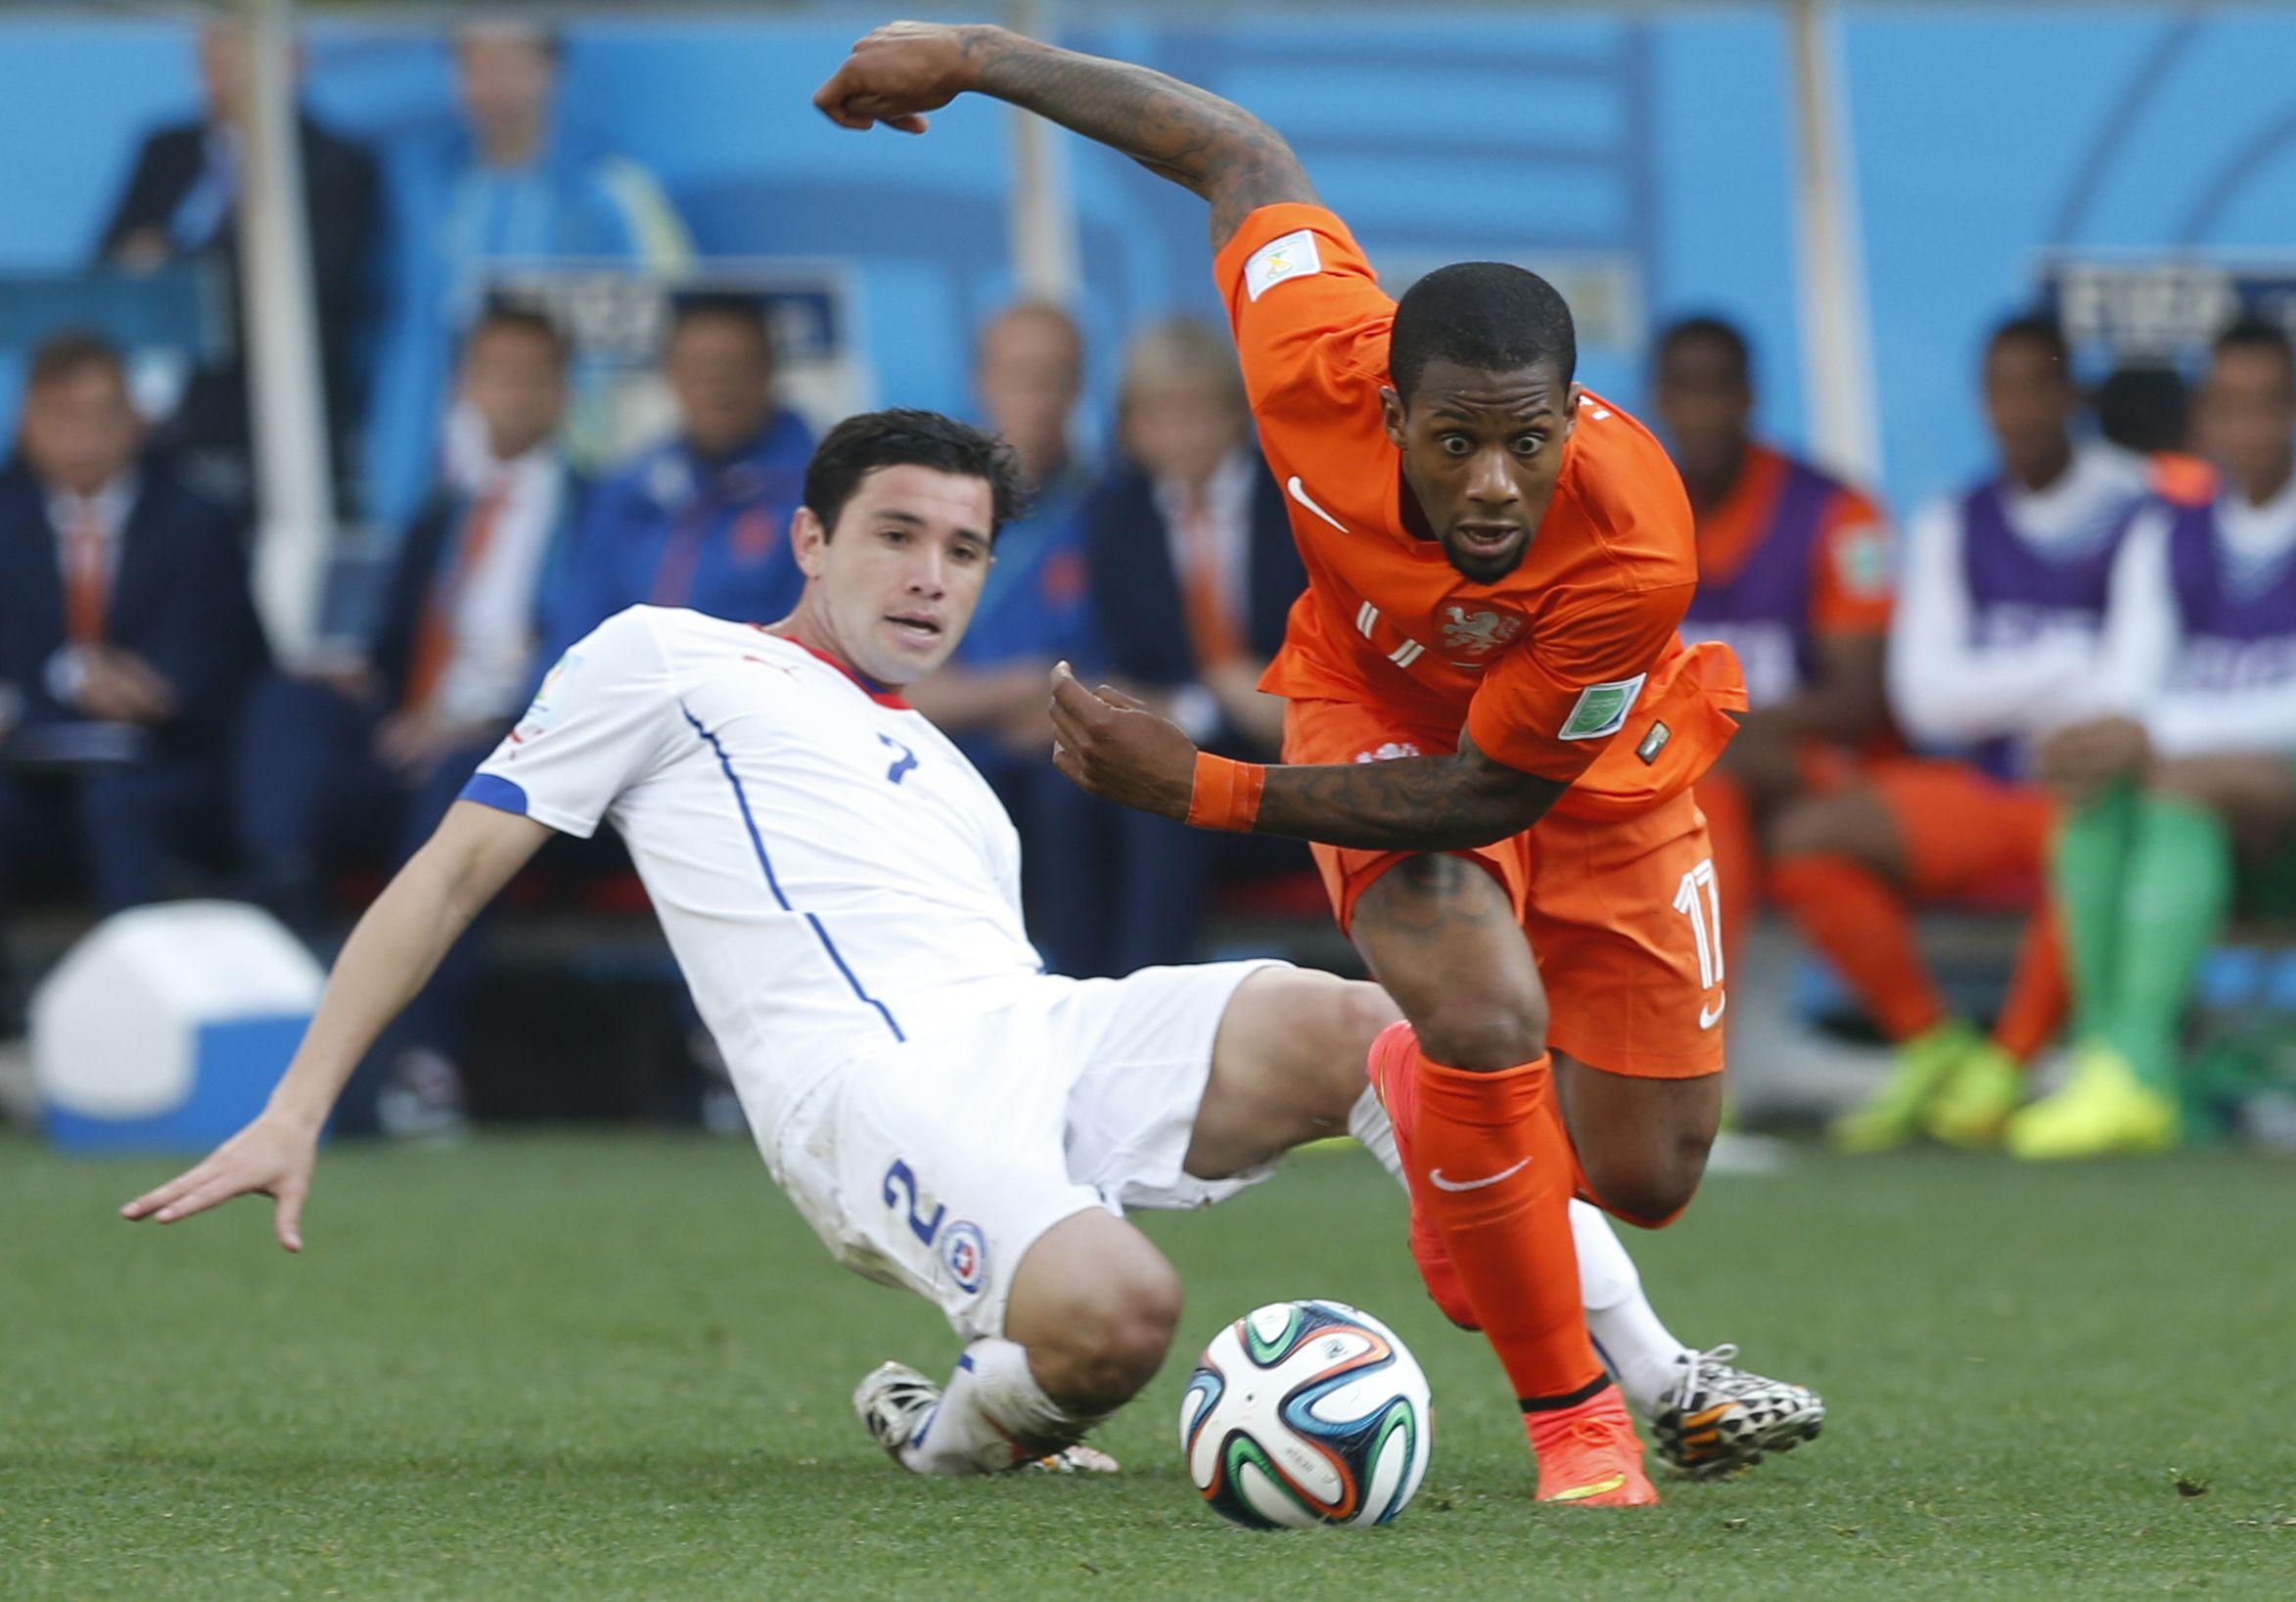 Holanda consolidó su chapa de candidato al ganarle por 2 a 0 a Chile en el último partido del Grupo B.